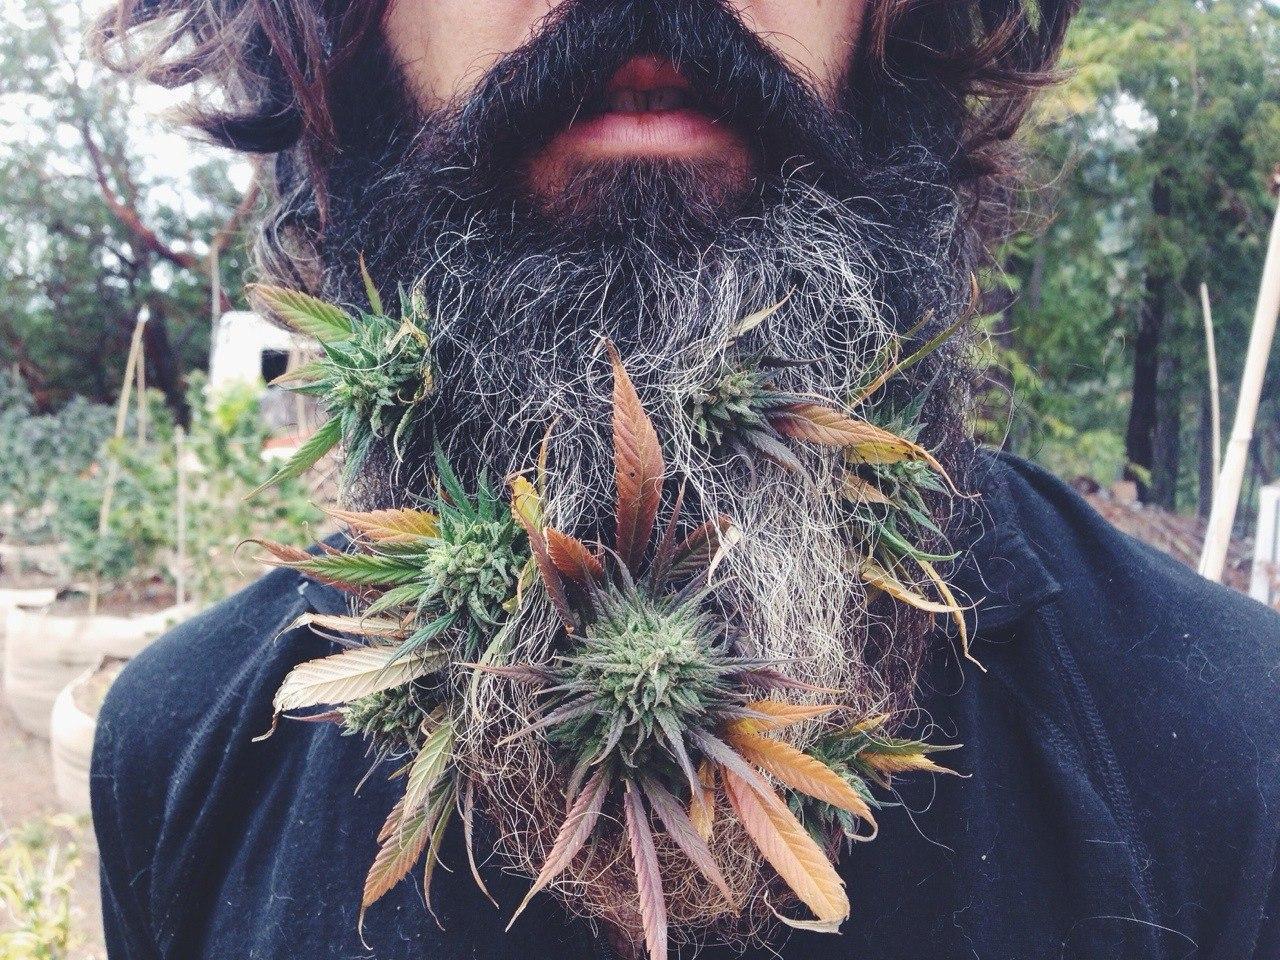 Марихуана прикольные фото марихуана пацан фото